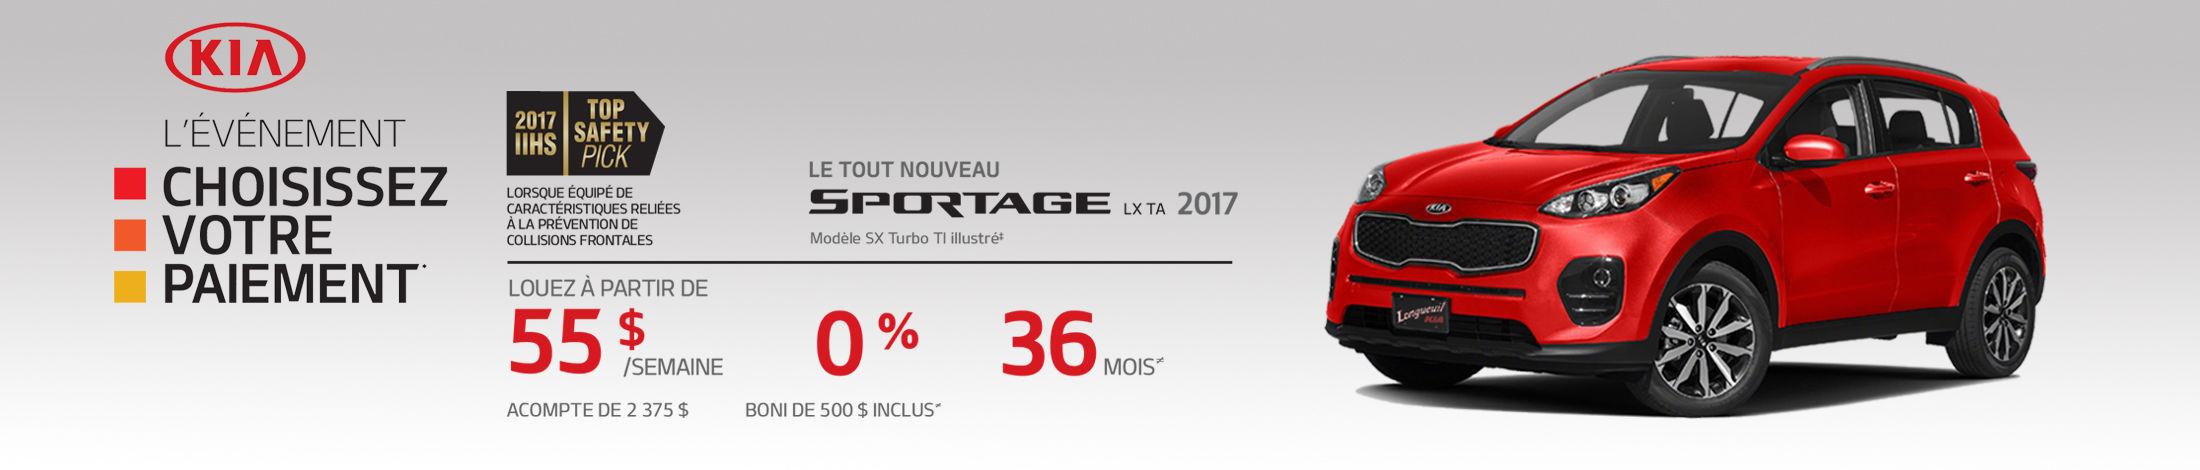 Kia Sportage Promotion Mai banner